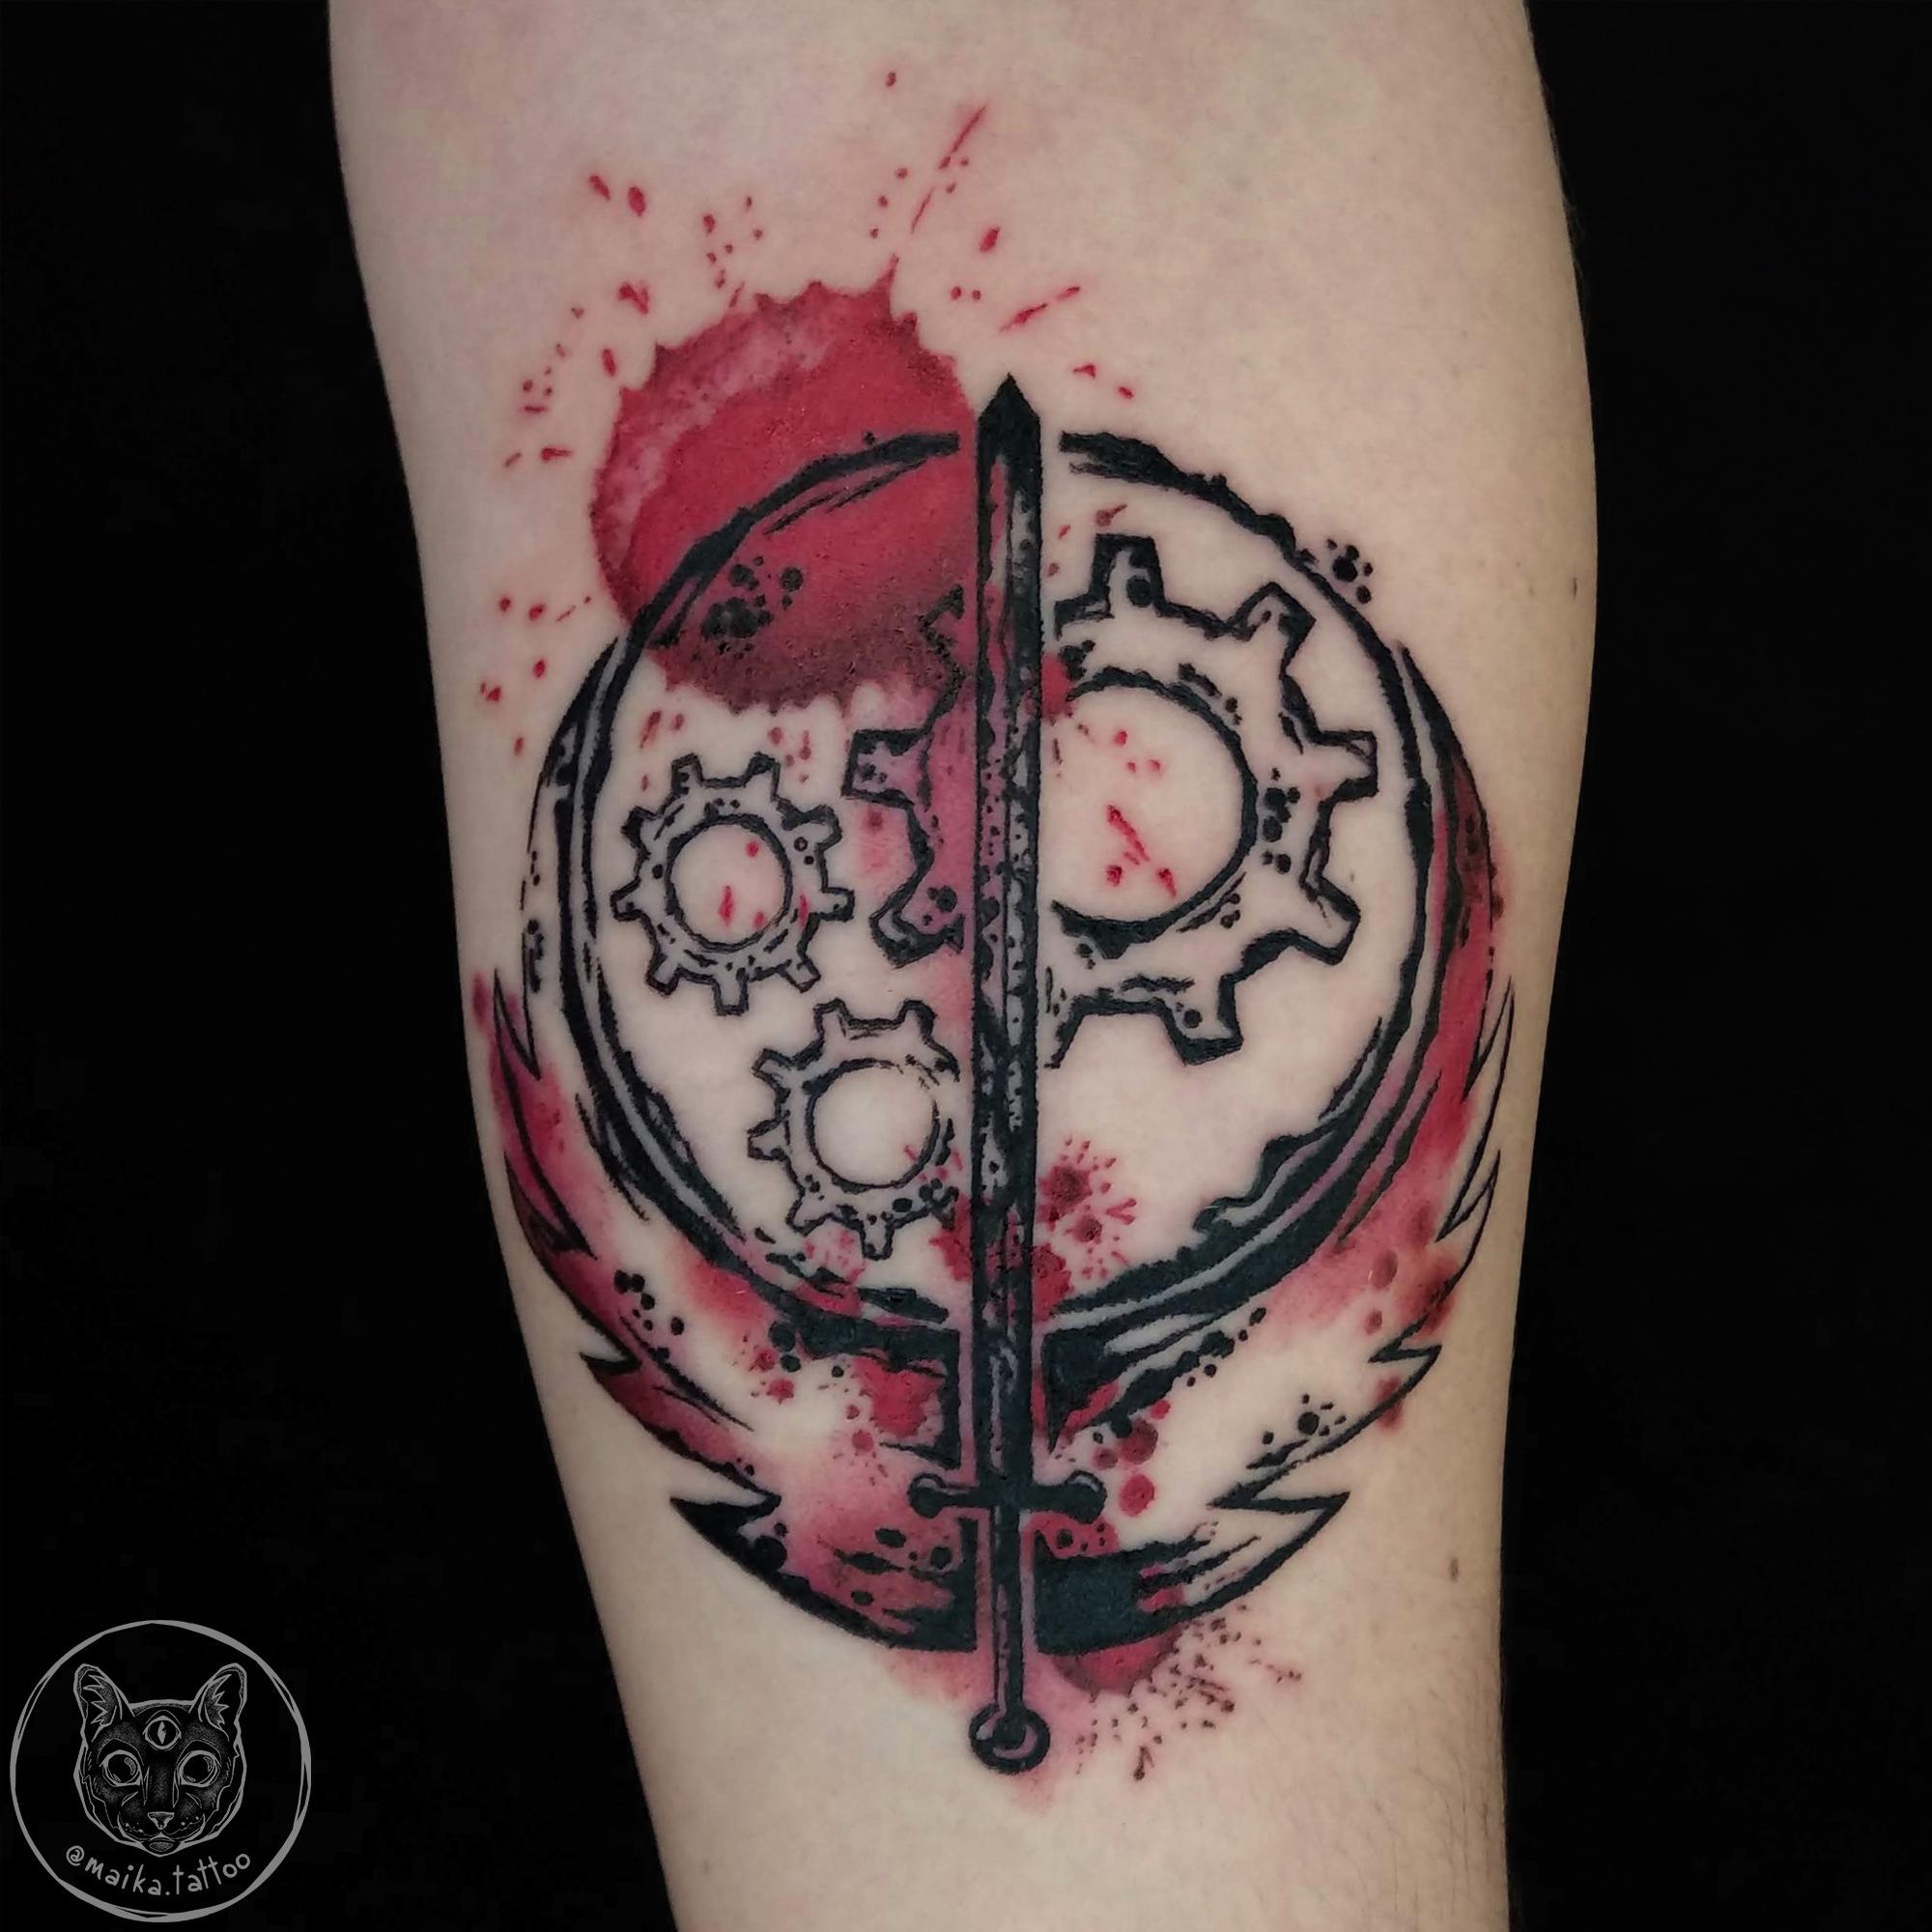 Inksearch tattoo Maika Tattoo